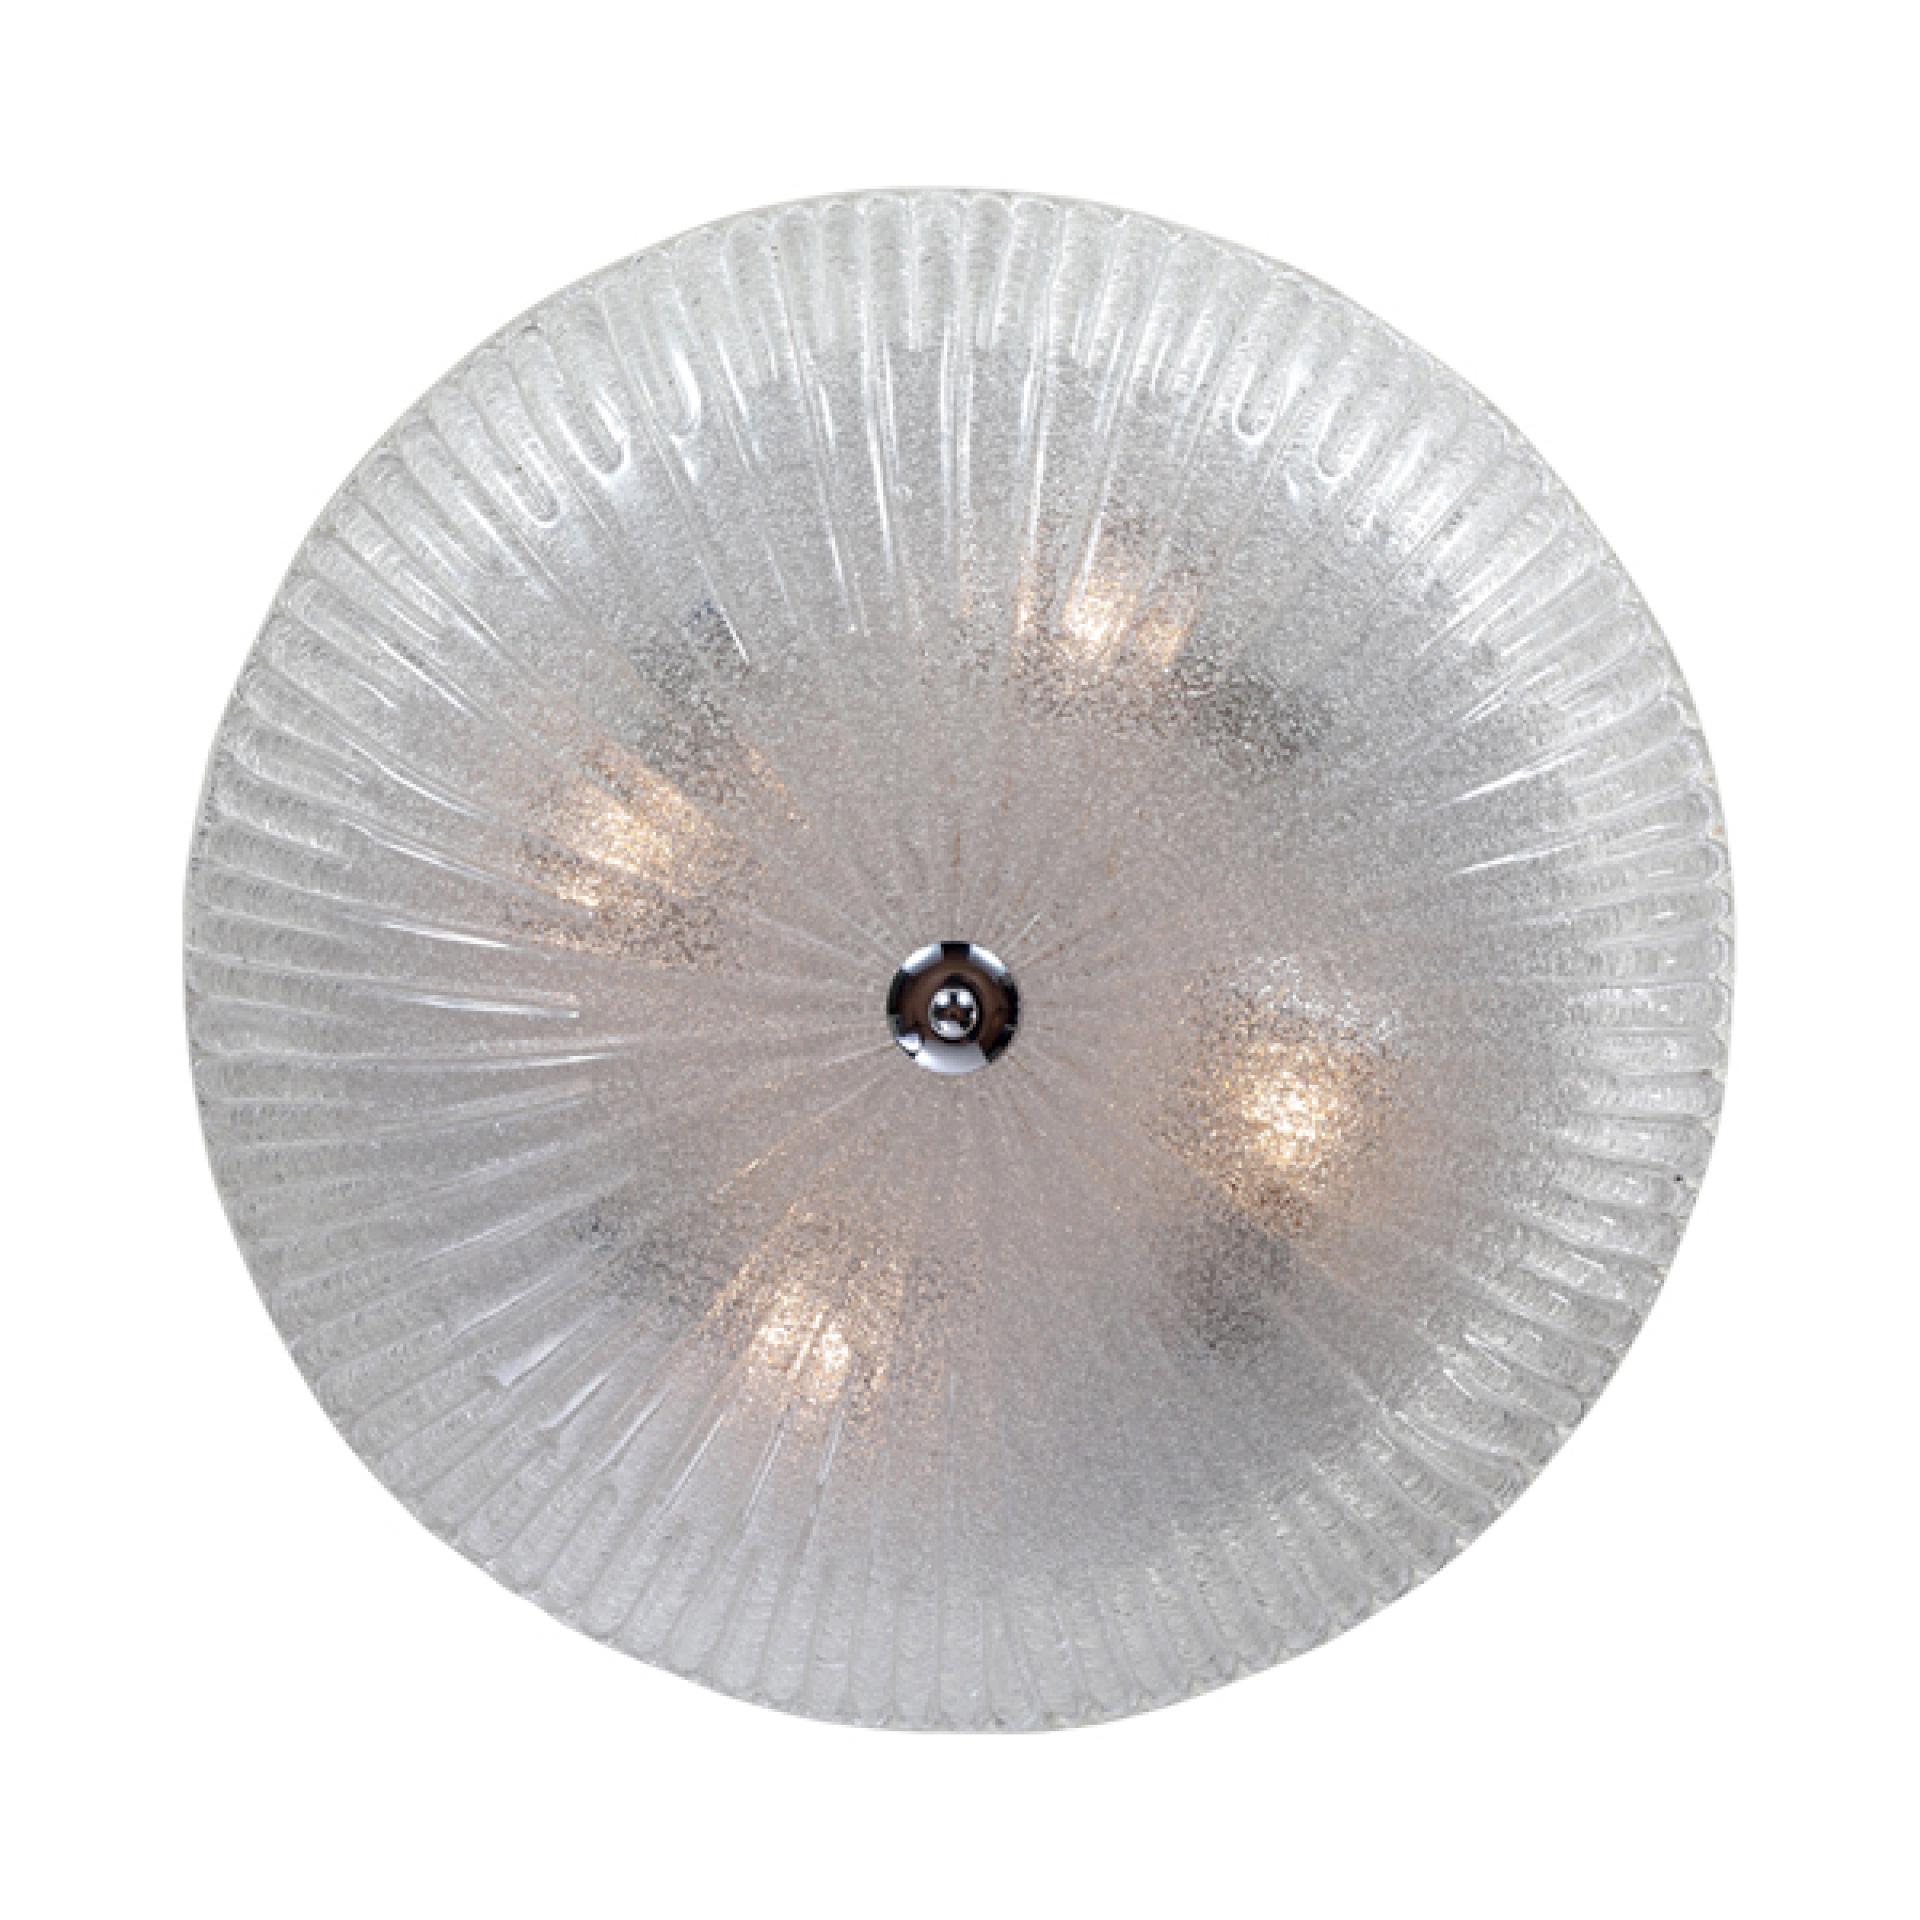 Плафон потолочный Zucche 4х60W E27 белый Lightstar 820840, купить в СПб, Москве, с доставкой, Санкт-Петербург, интернет-магазин люстр и светильников Starlight, фото в жизни